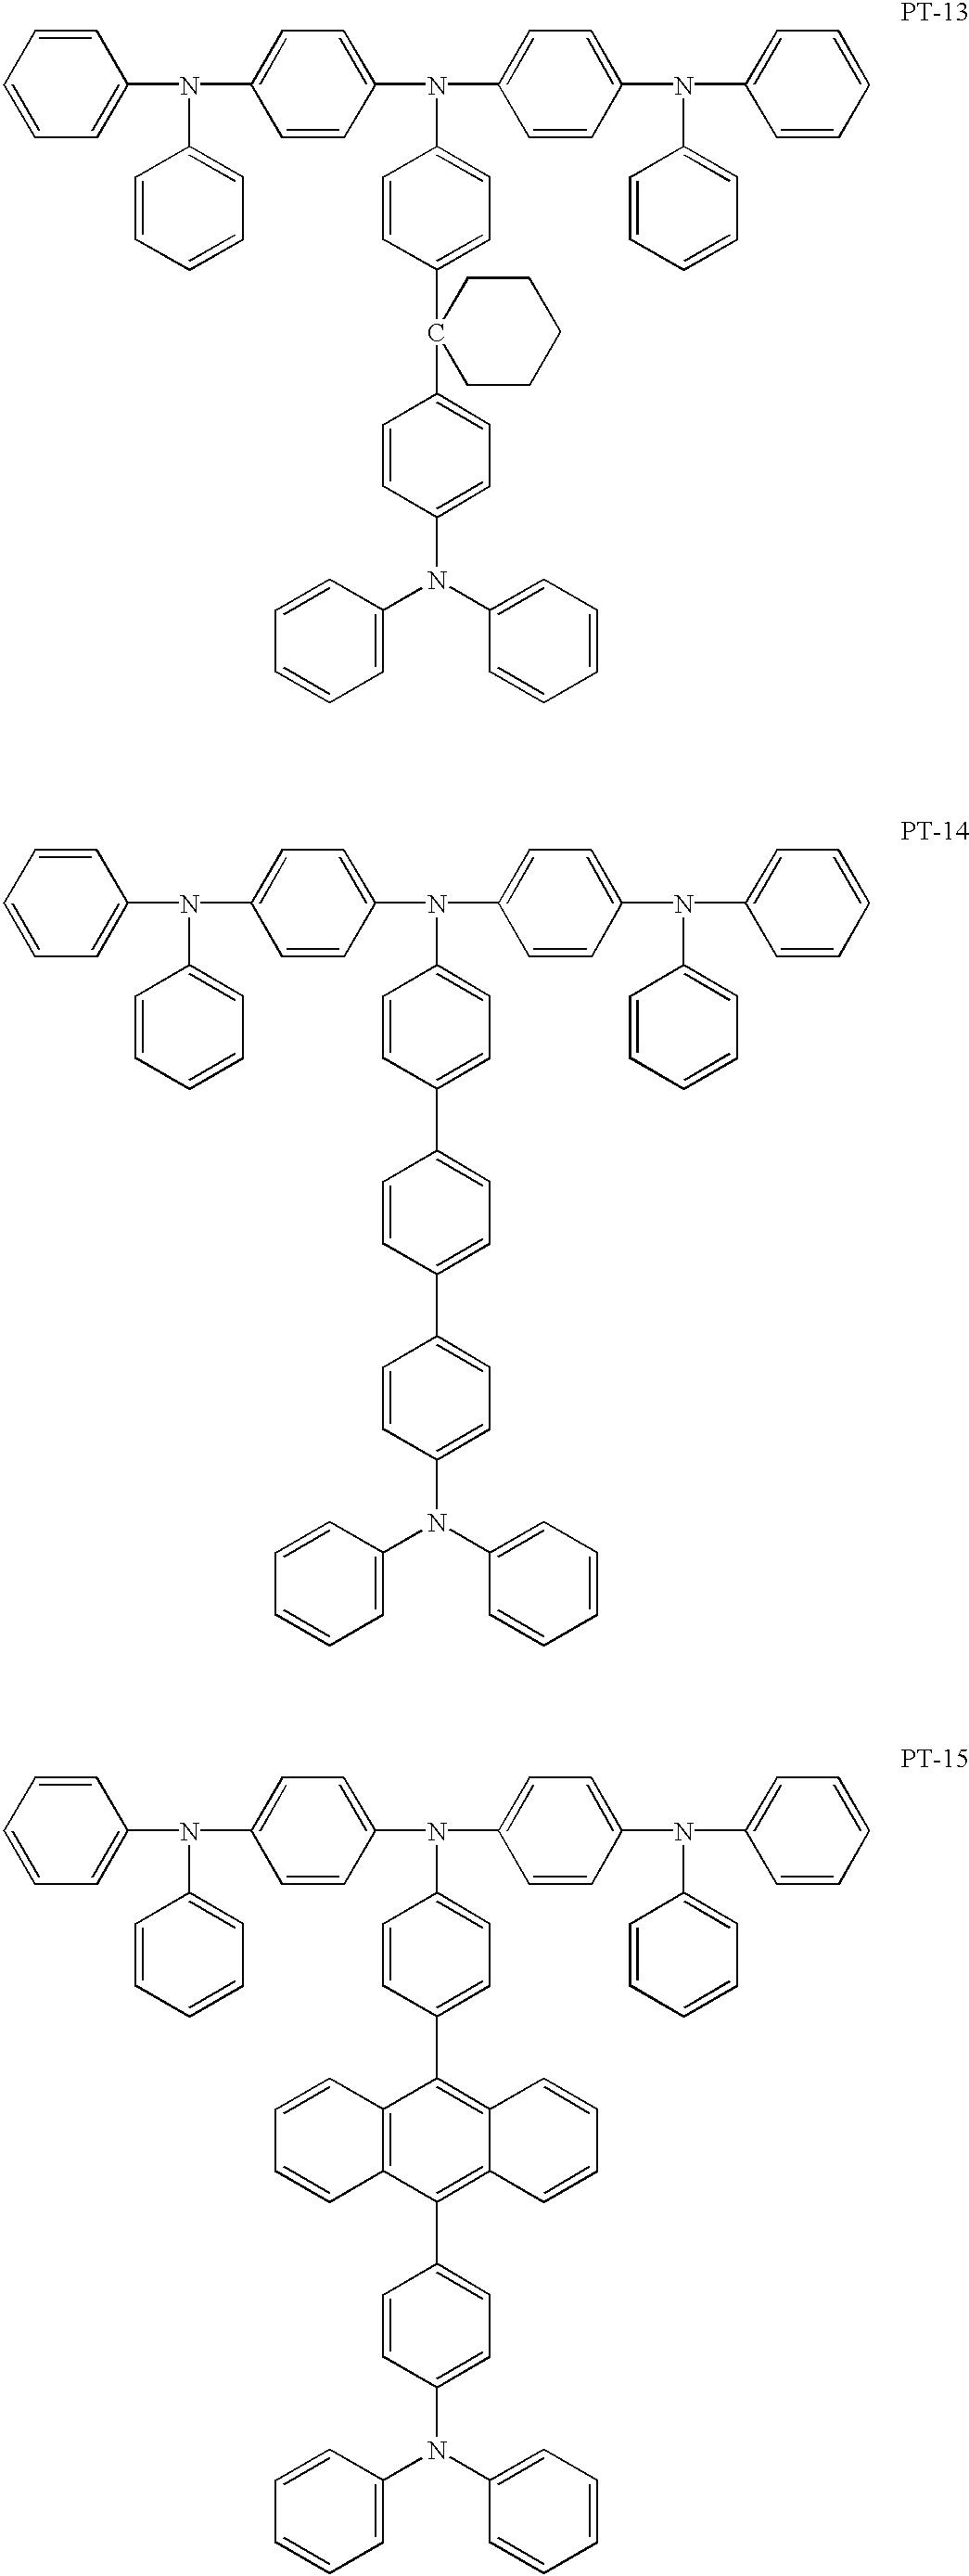 Figure US06541129-20030401-C00026